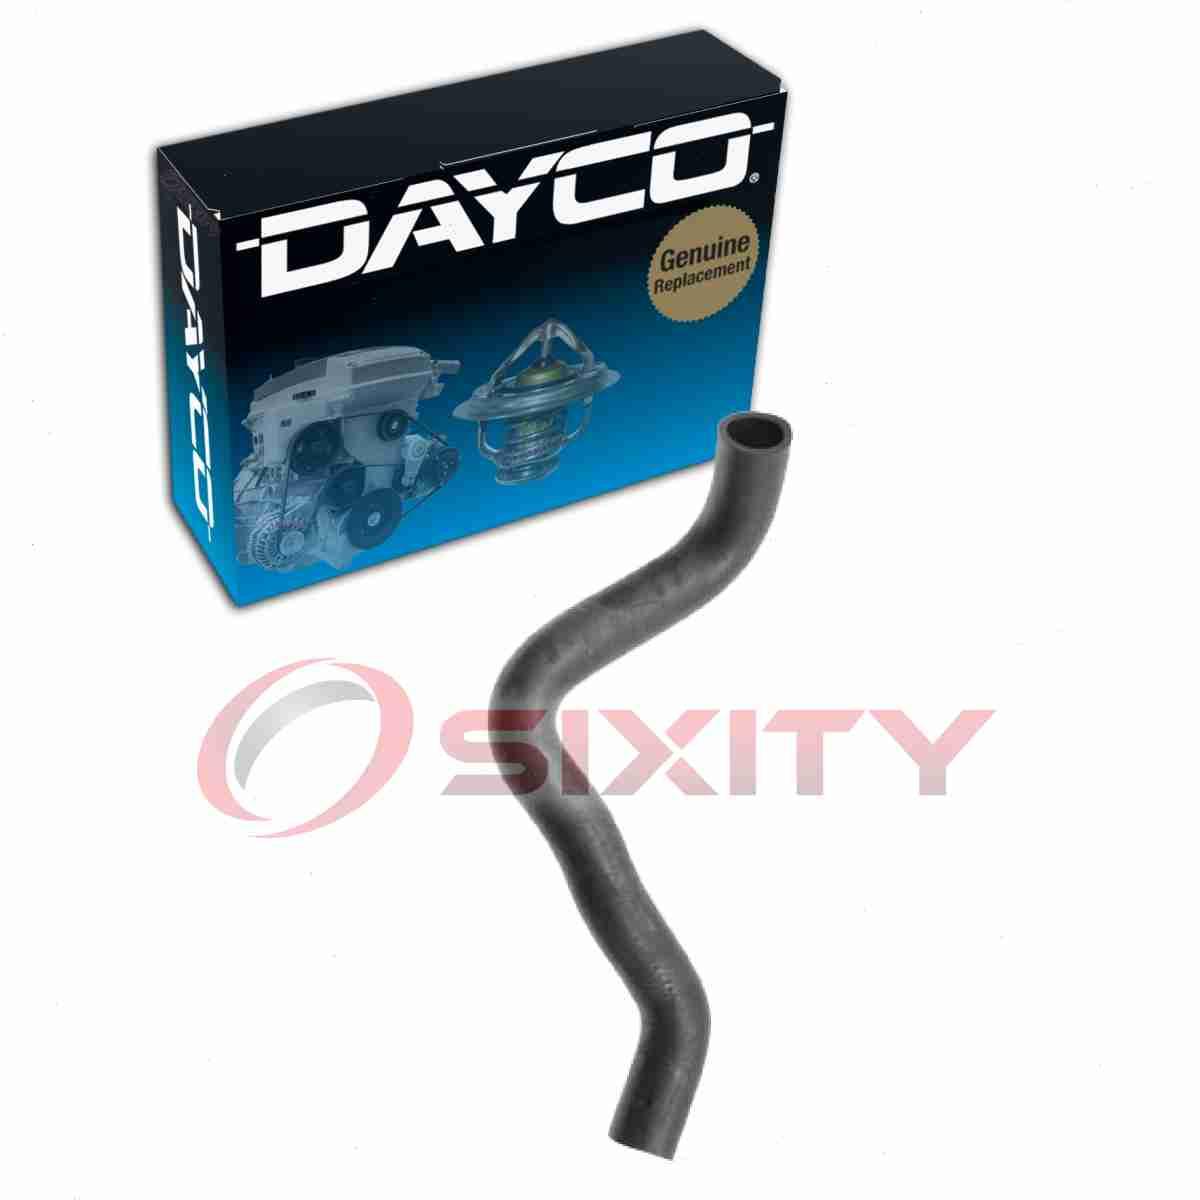 Dayco Upper Radiator Hose for 2005-2006 Chevrolet Uplander 3.5L V6 - Engine mp